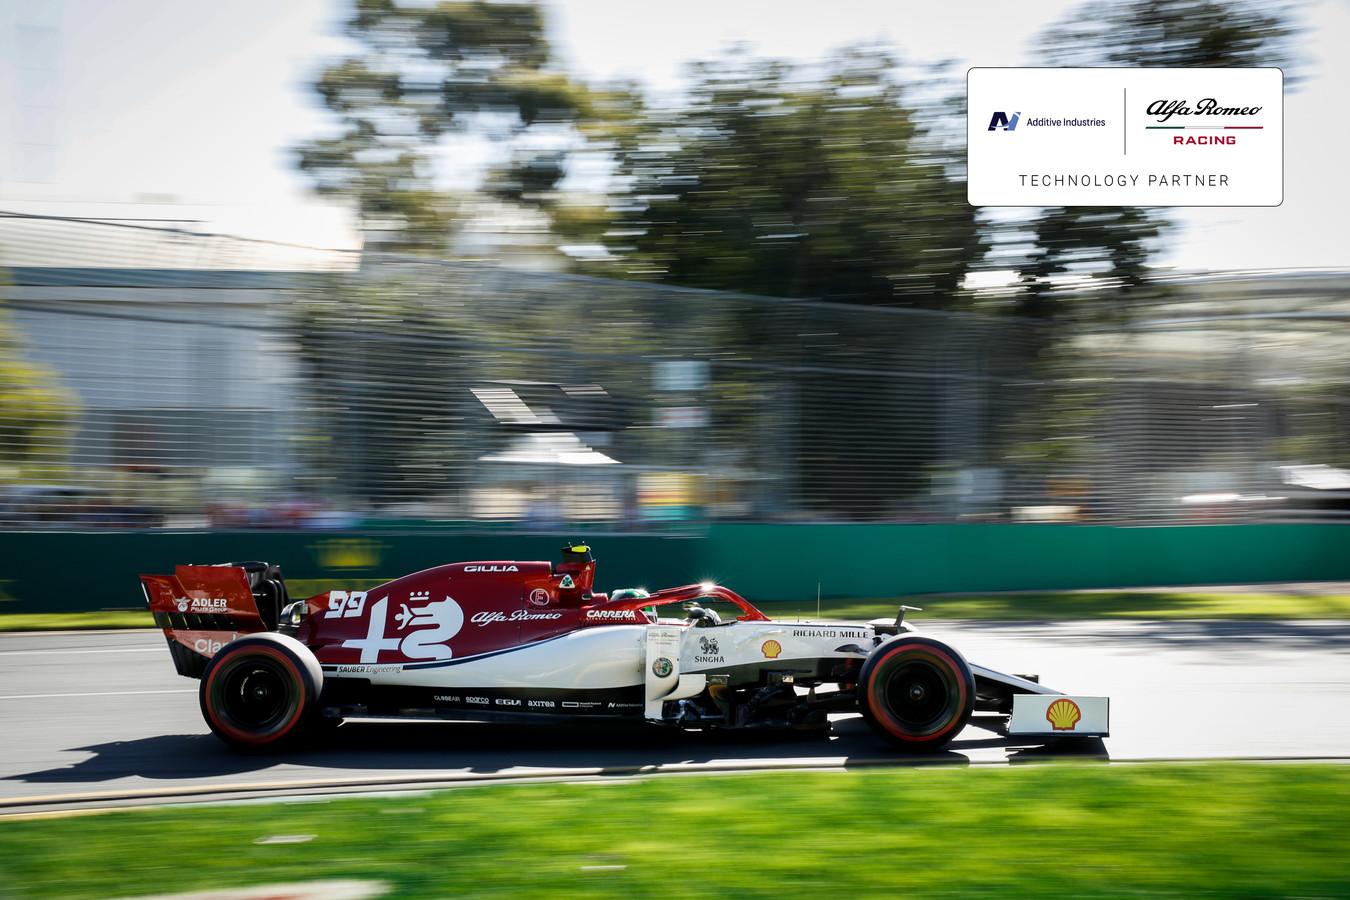 Een racewagen van Alfa Romeo met onderdelen geprint door een Eindhovense 3D metaalprinter van Additive Industries.